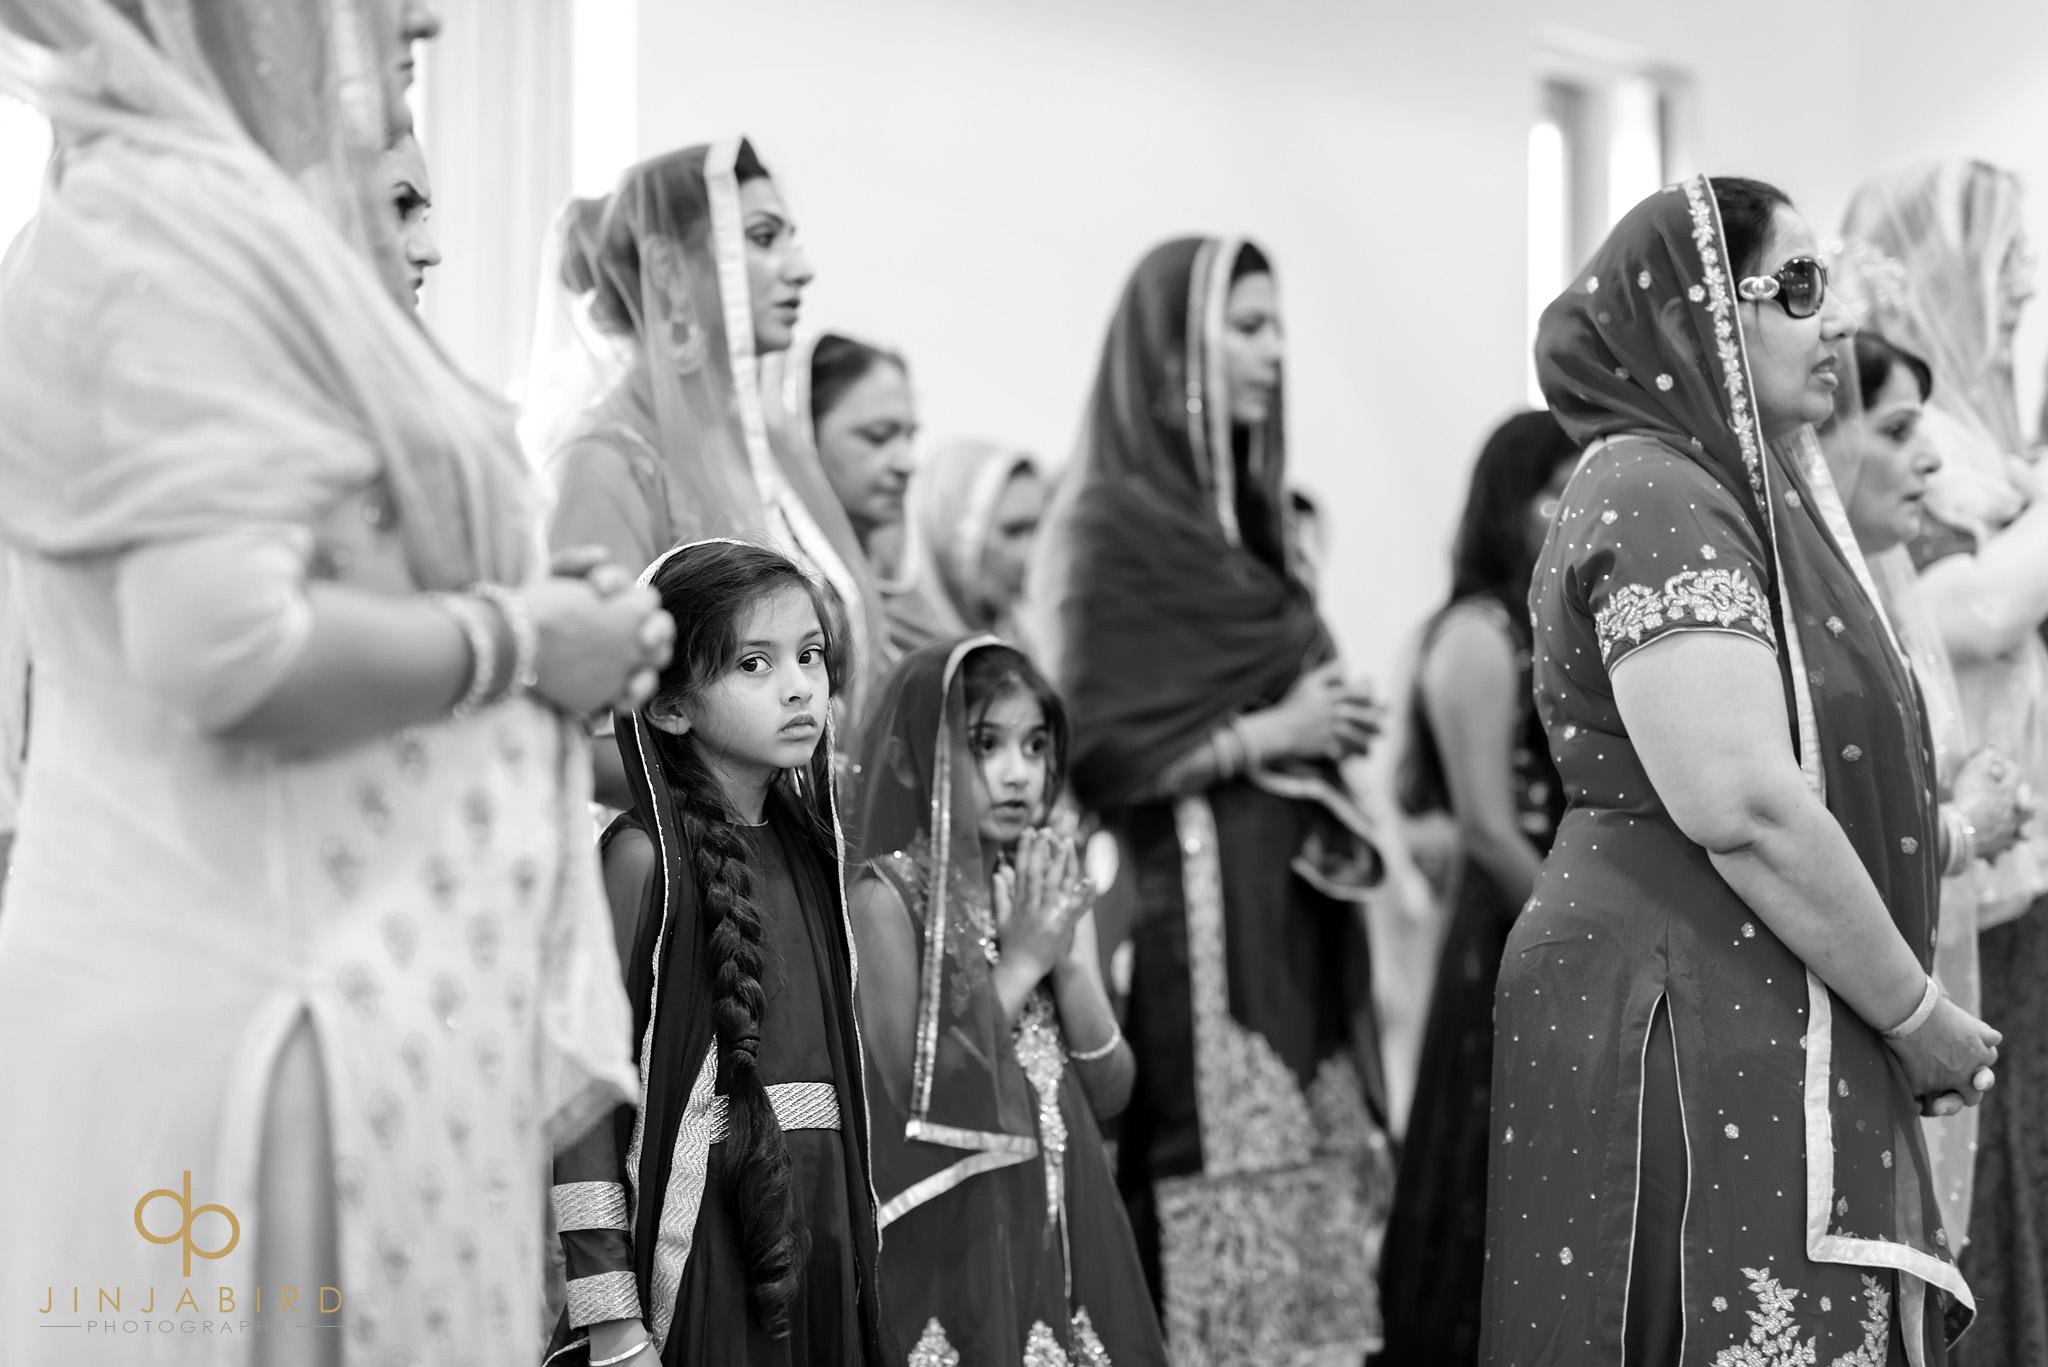 children watching wedding